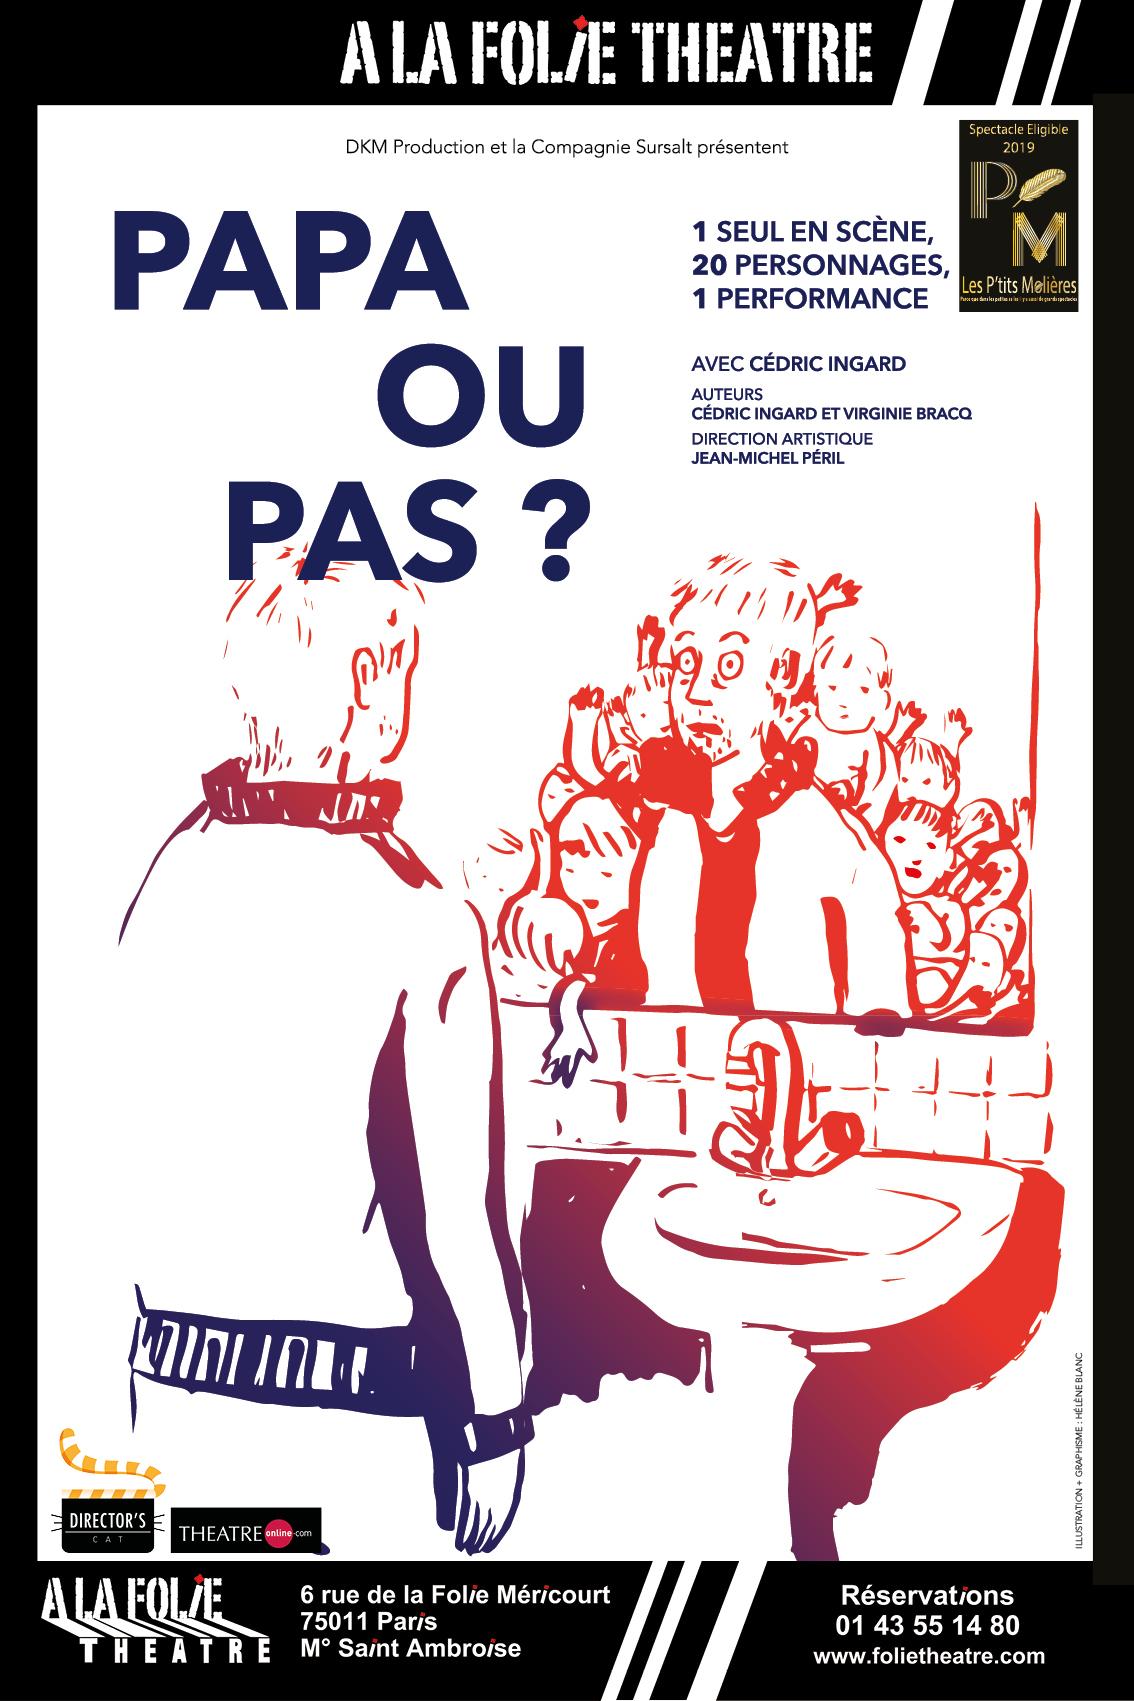 Affiche-Papaoupas-HD.jpg